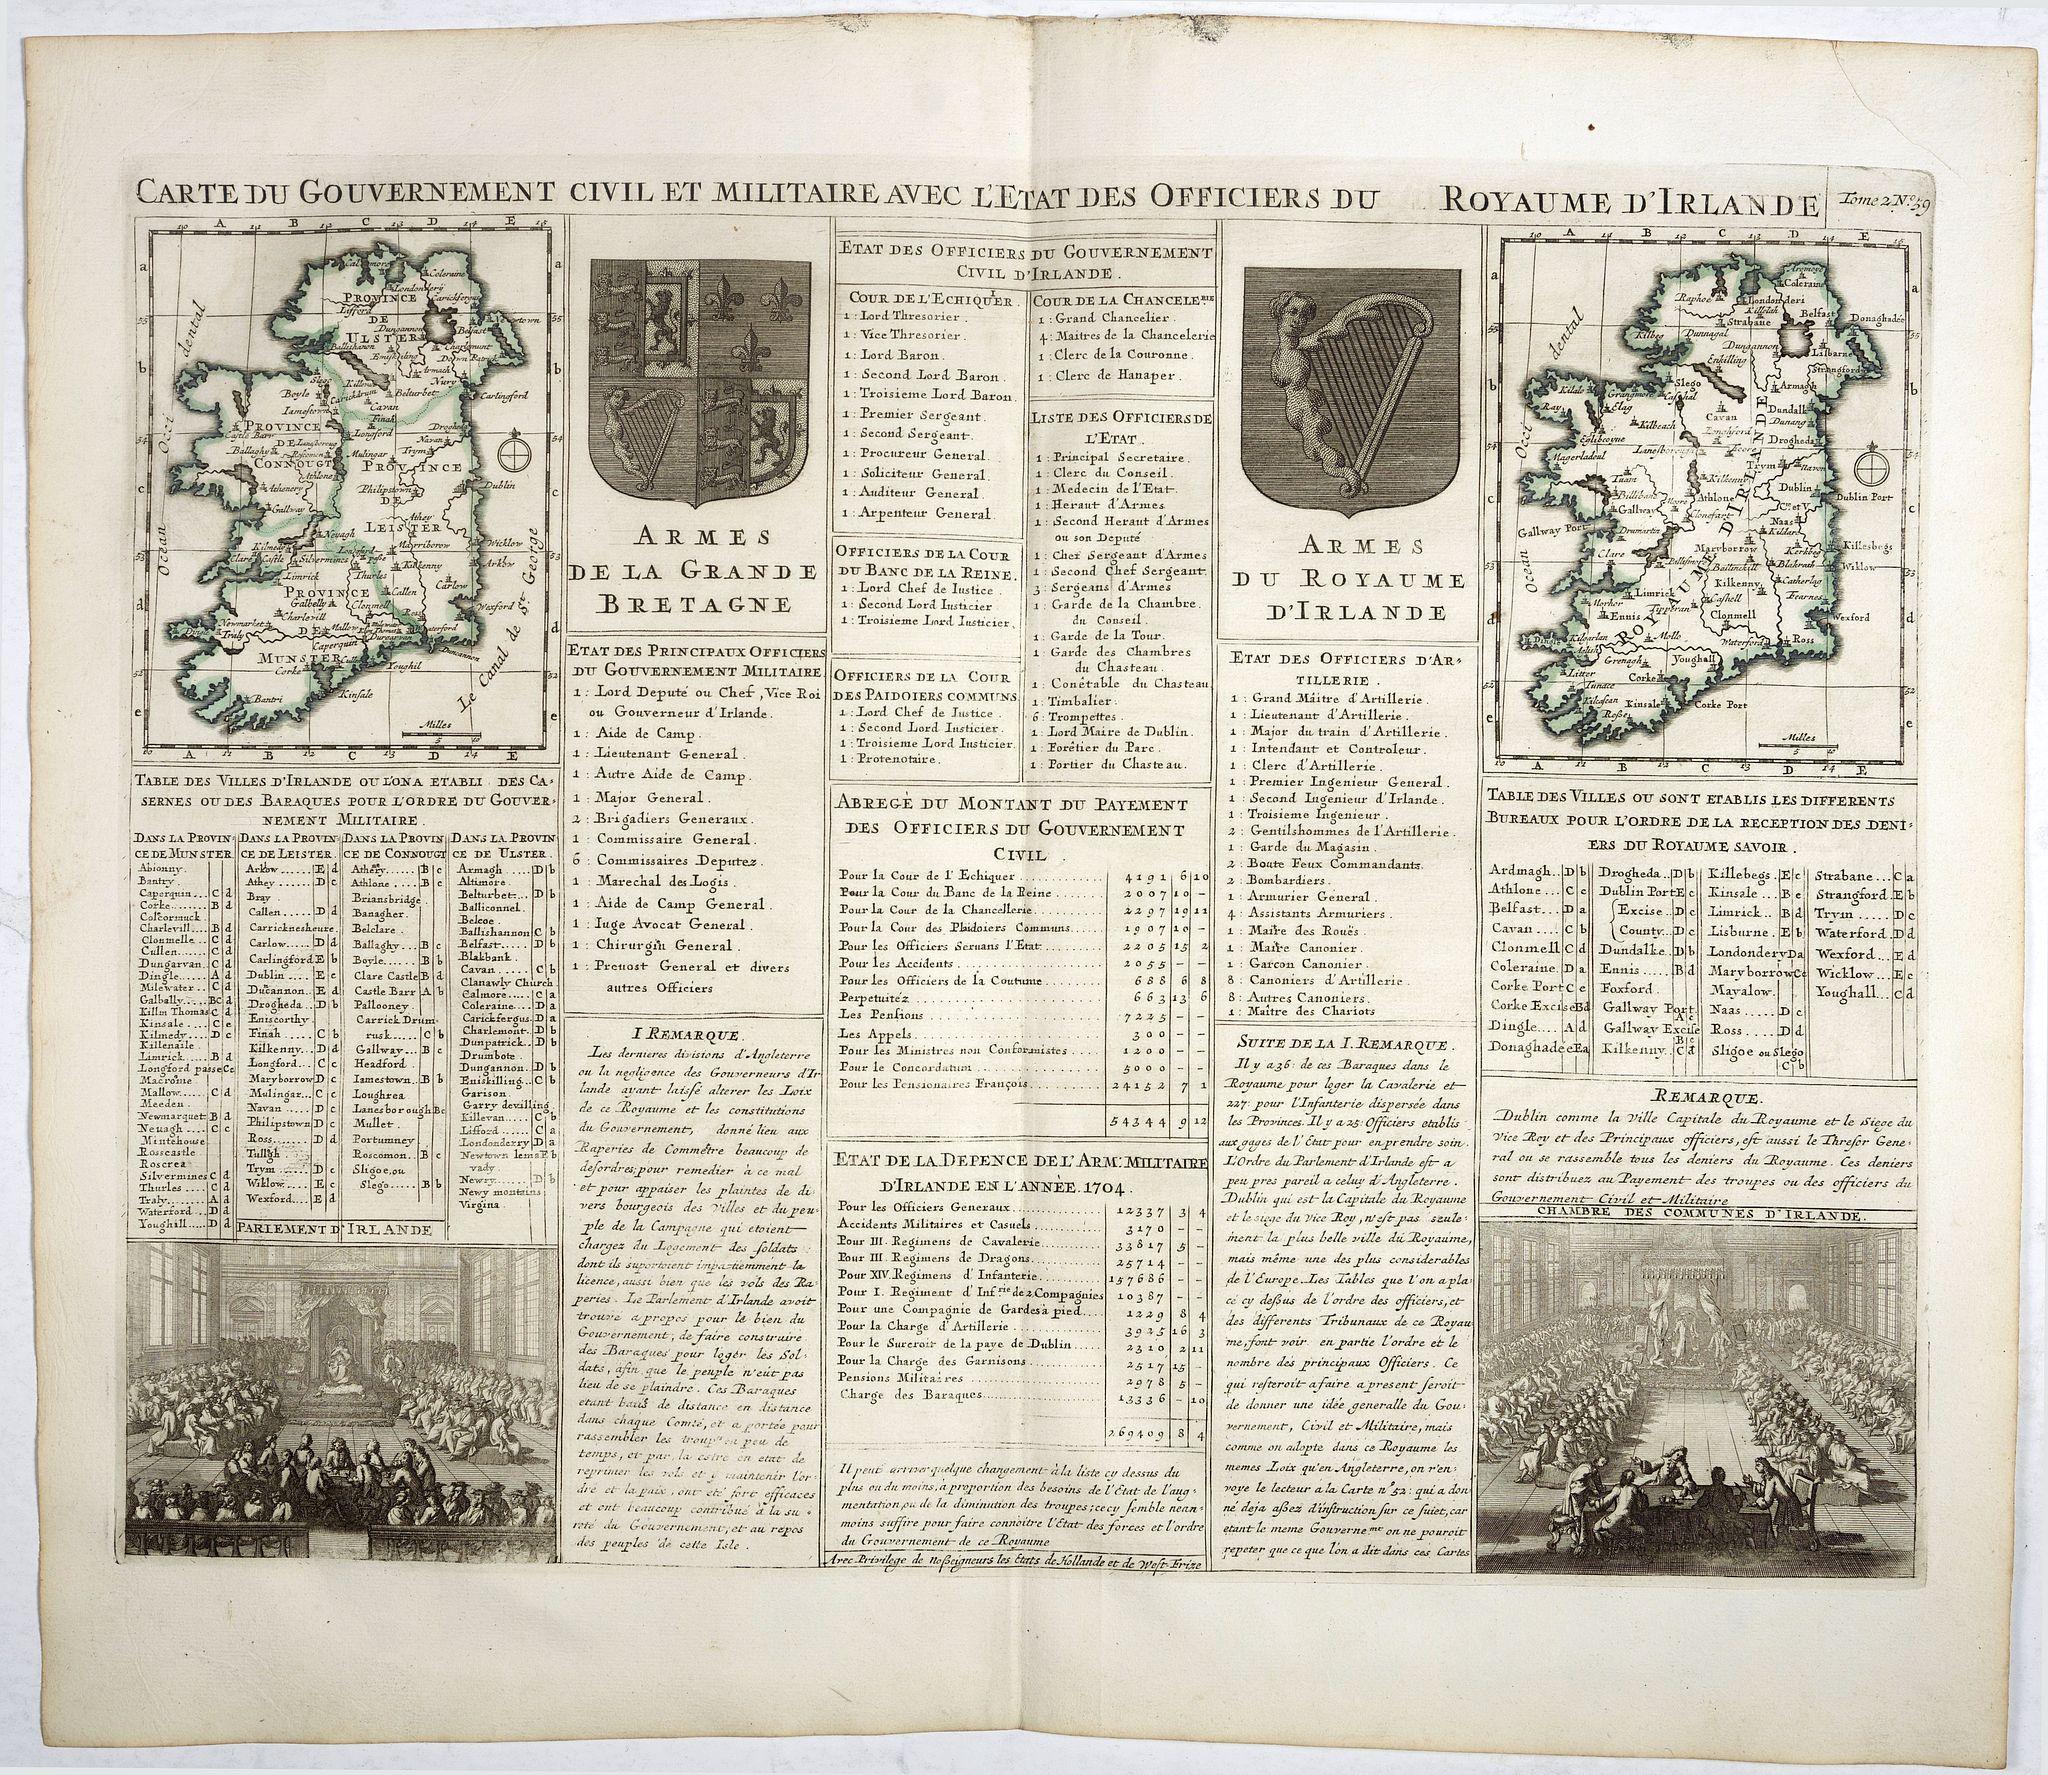 CHATELAIN, H. -  Carte du gouvernement civil et militaire avec l'Etat des Officiers du Royaume d'Irlande . . .